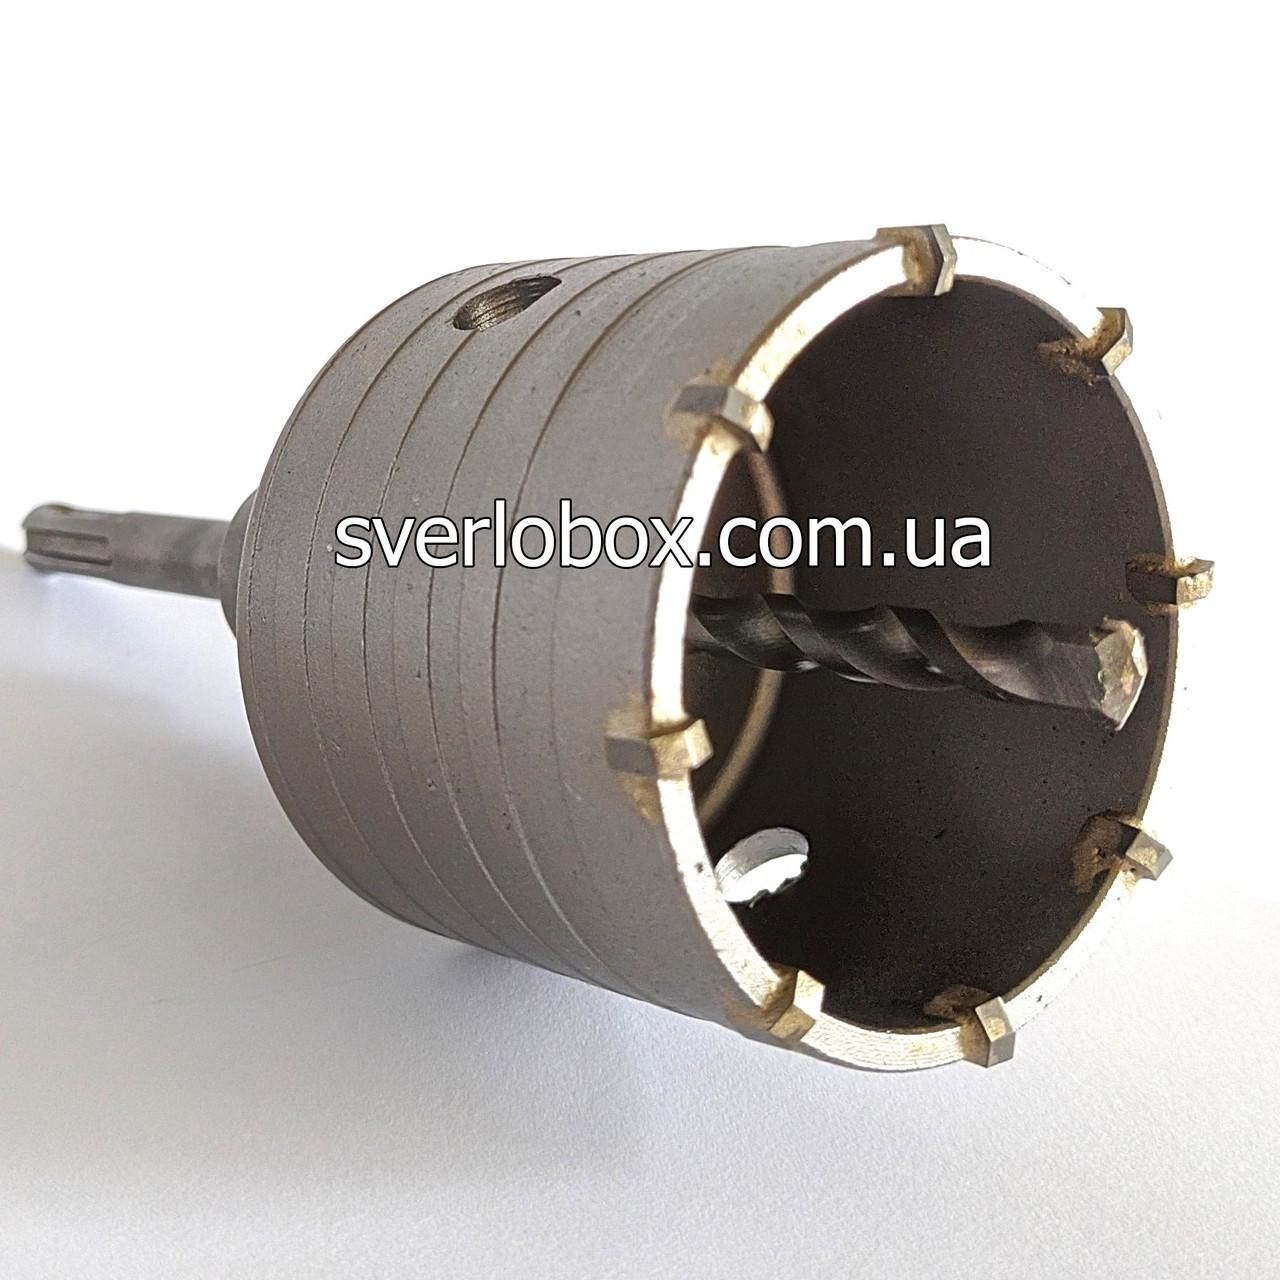 Коронка по бетону для перфоратора 30 мм SDS-plus